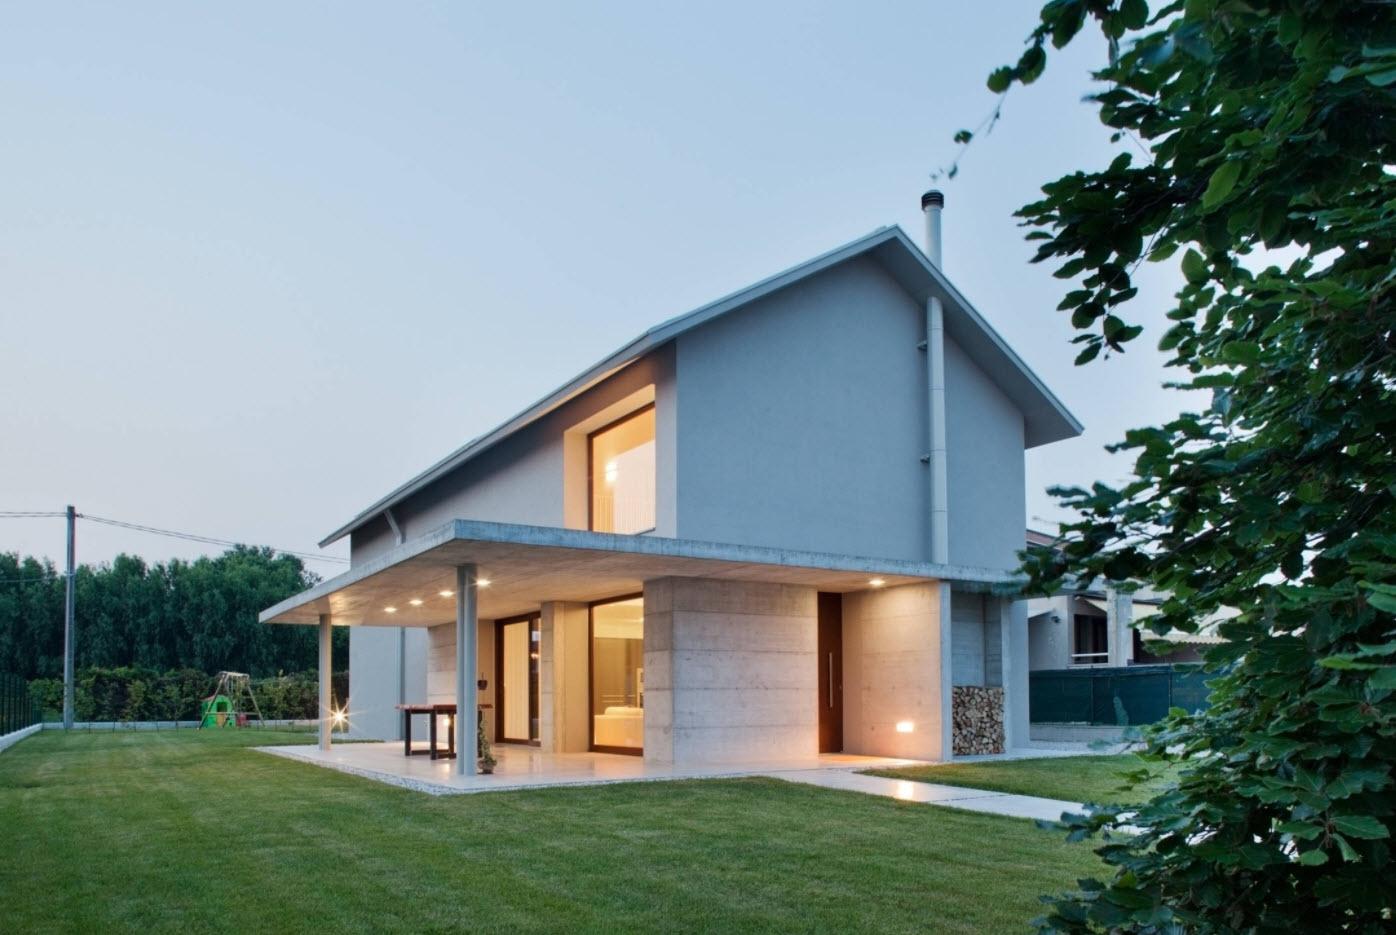 жизнь двухэтажные дома с низкой крышей фото можно